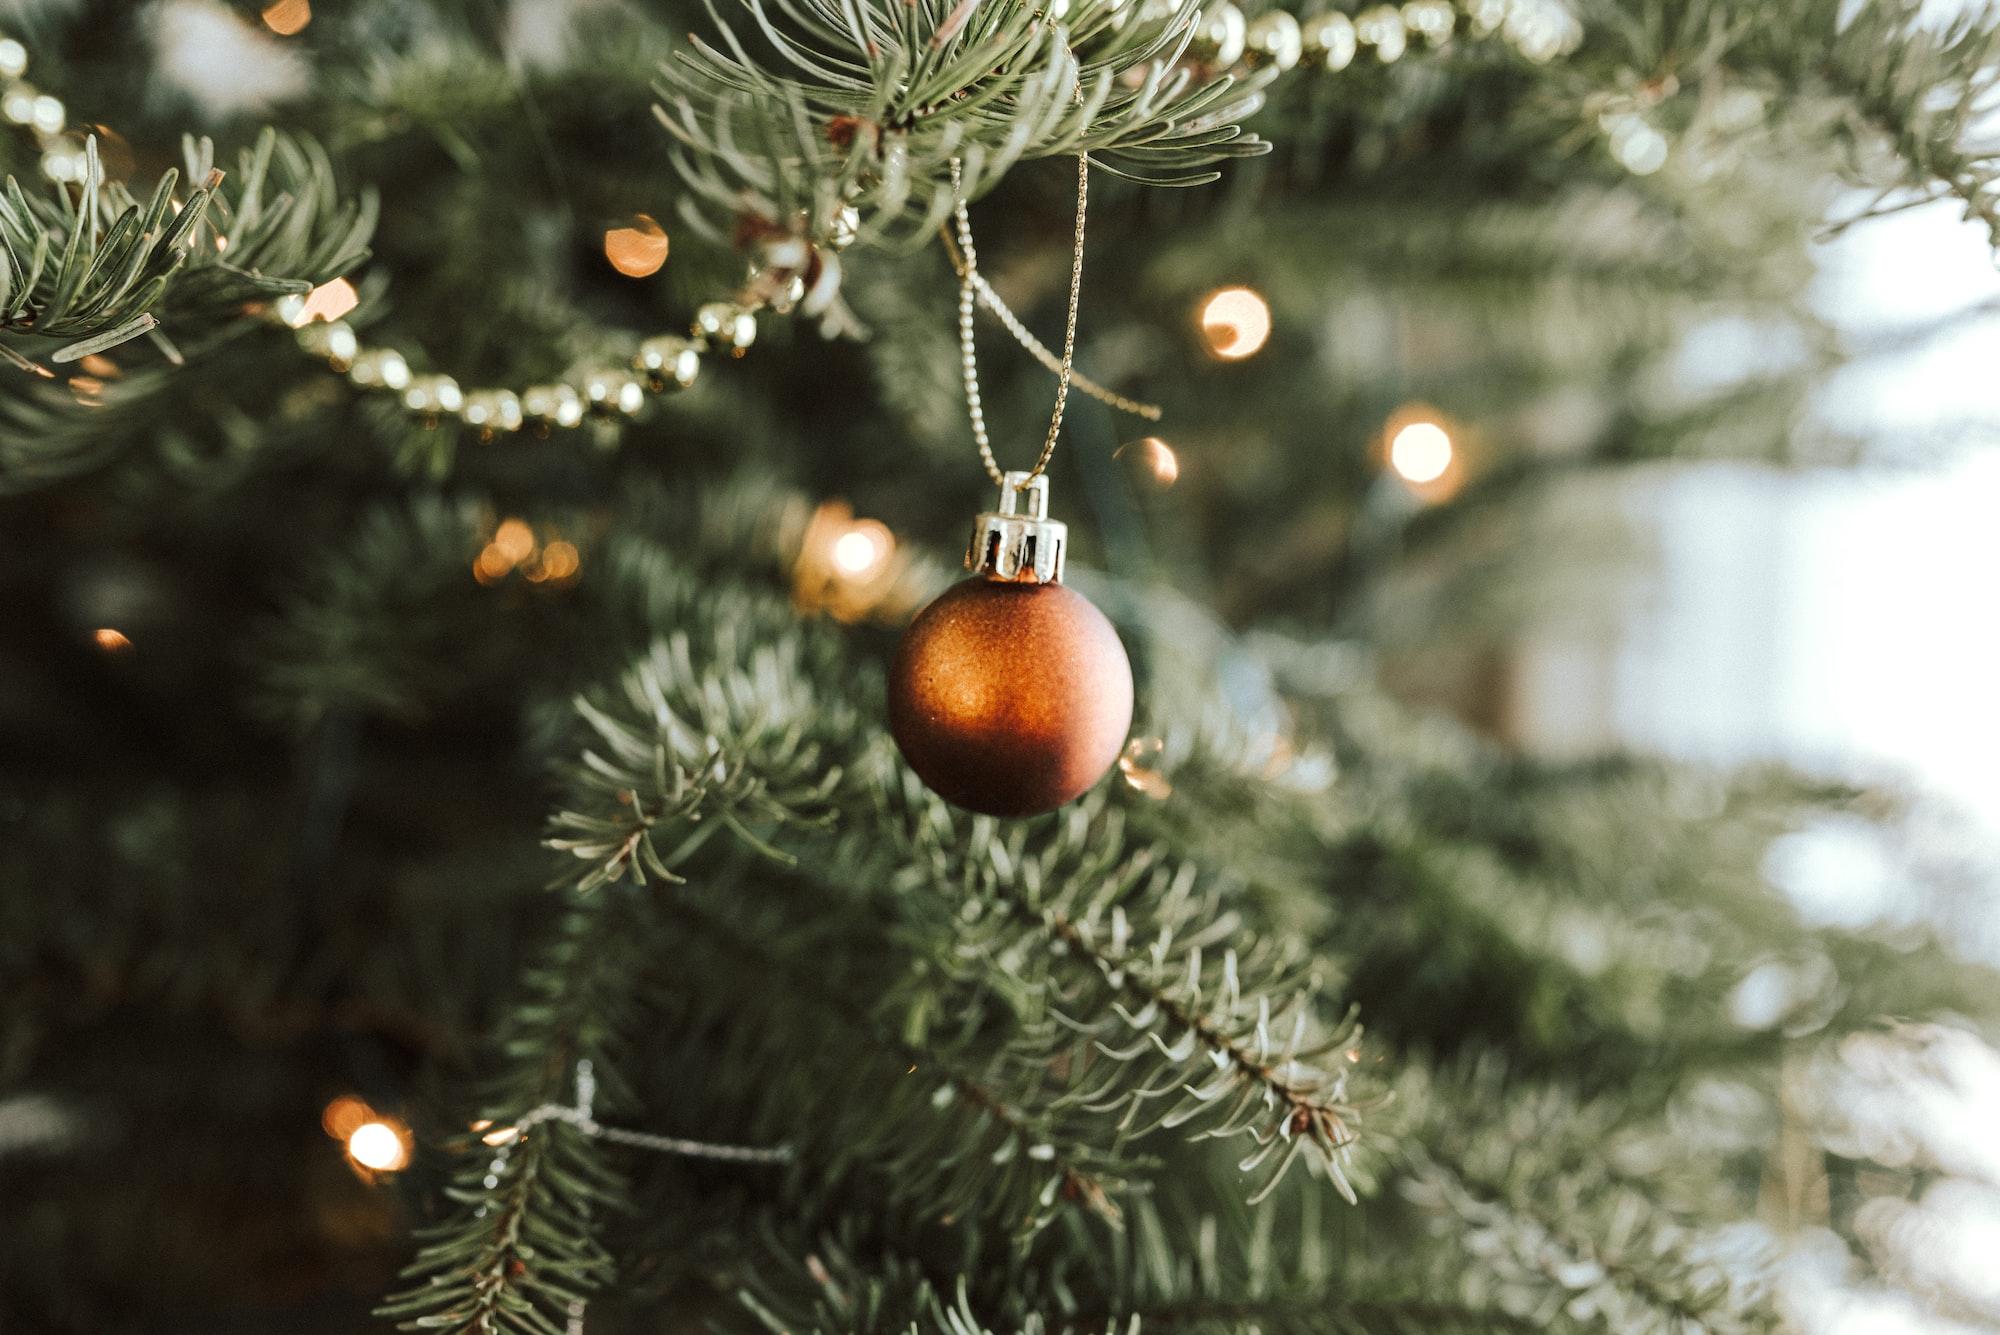 Comment penser à nos défunts à Noël ?